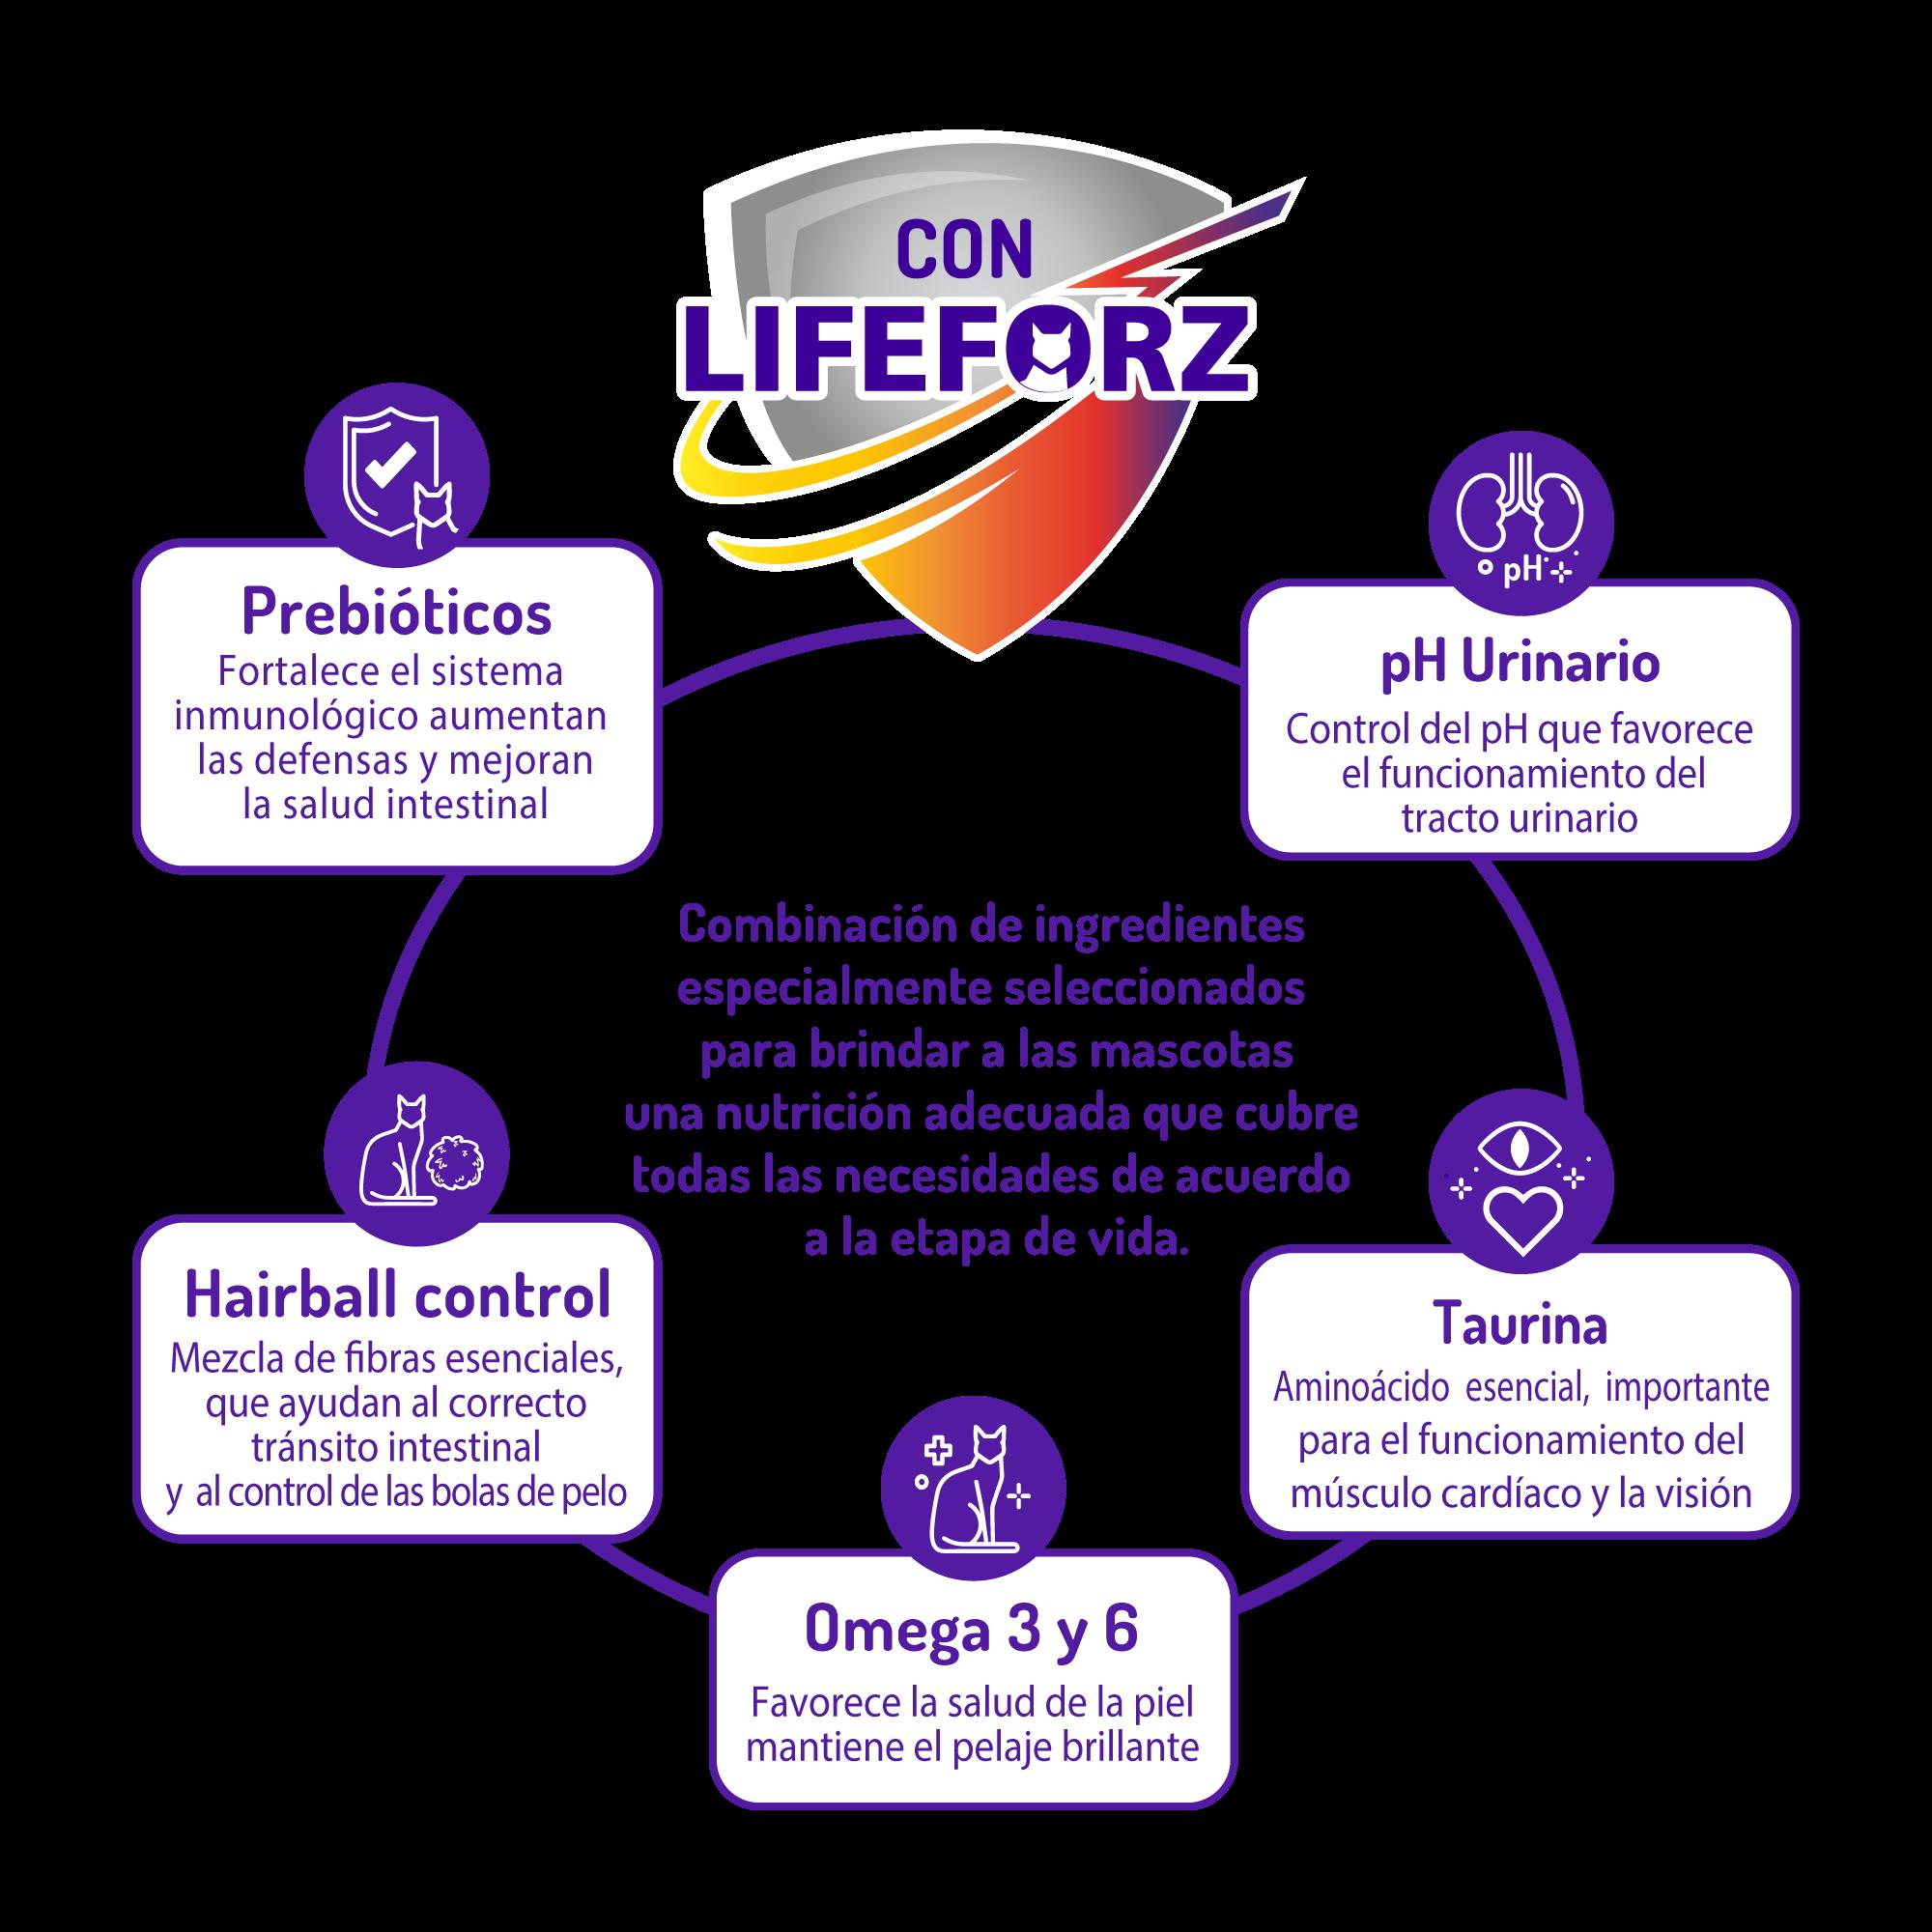 lifeforz